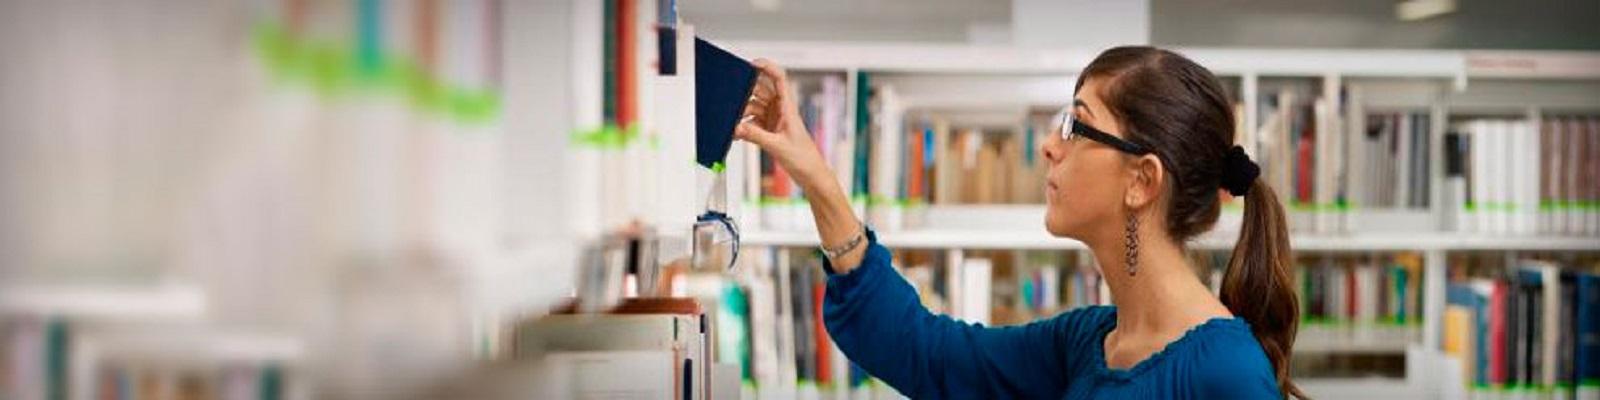 Visite Nossas Bibliotecas